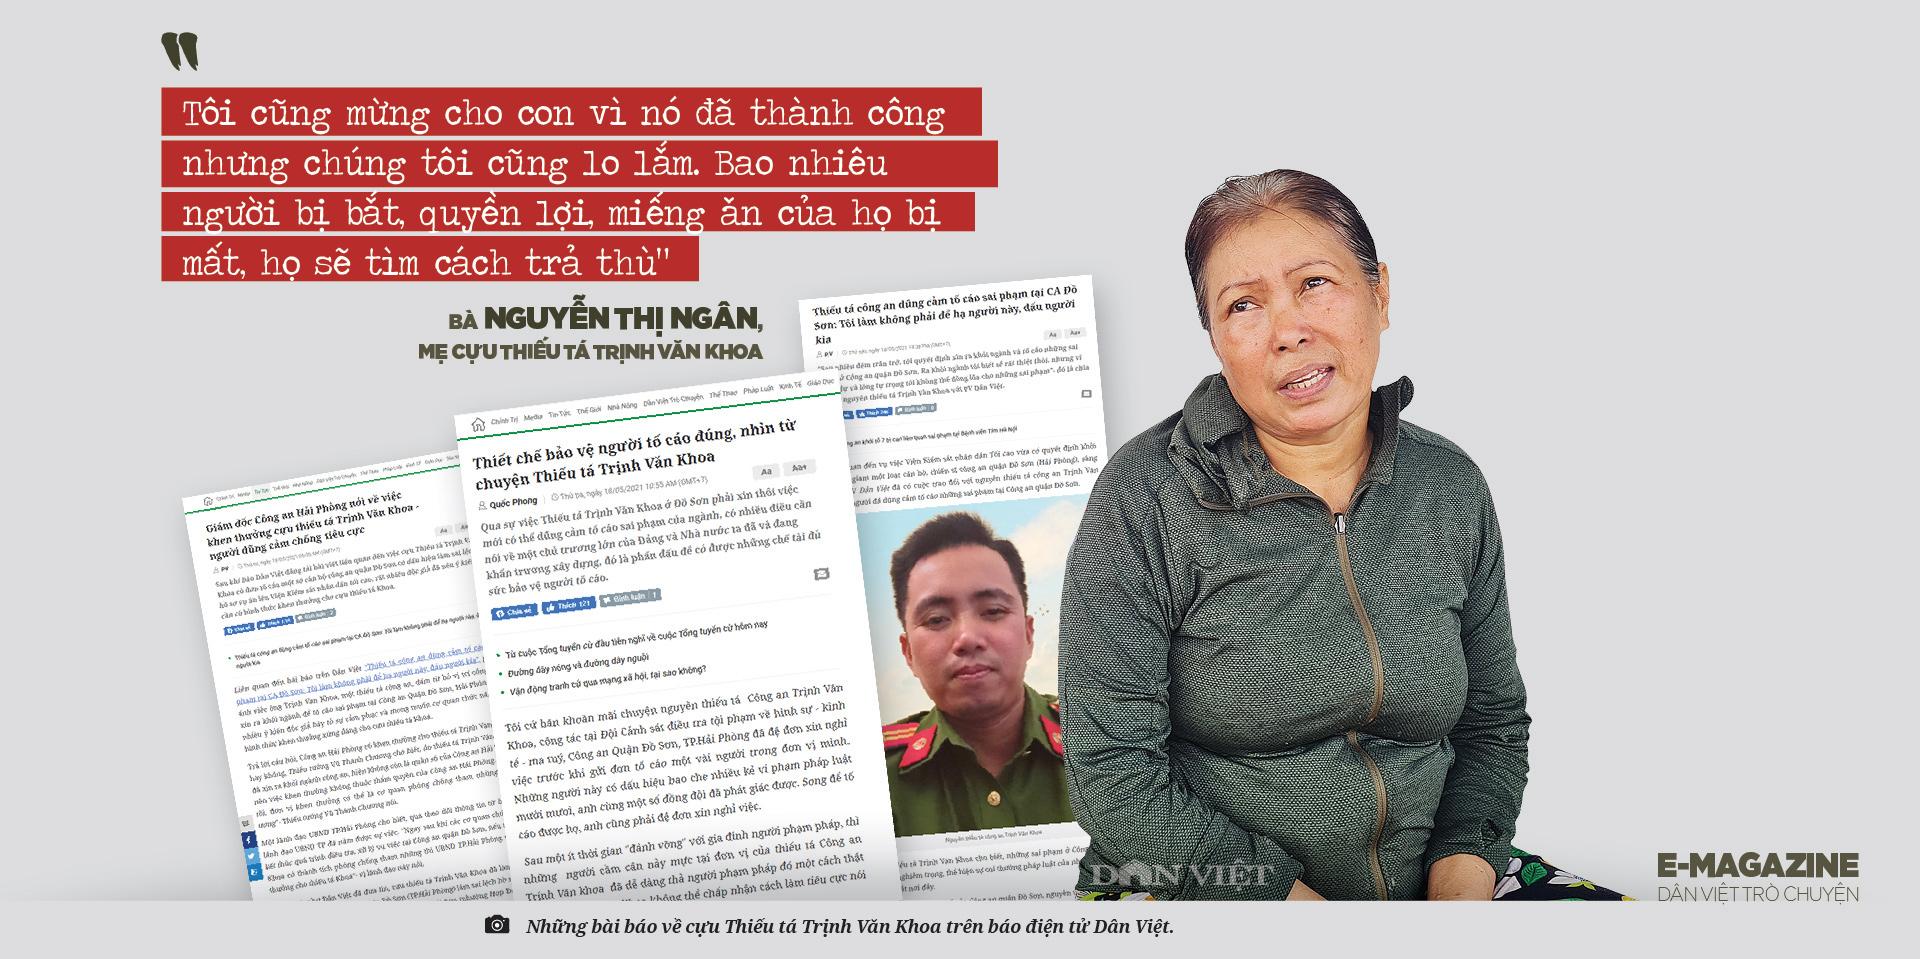 """Bố mẹ cựu thiếu tá công an Trịnh Văn Khoa: """"Gia đình tôi tiếc và lo lắm, nhưng rất tự hào về Khoa"""" - Ảnh 4."""